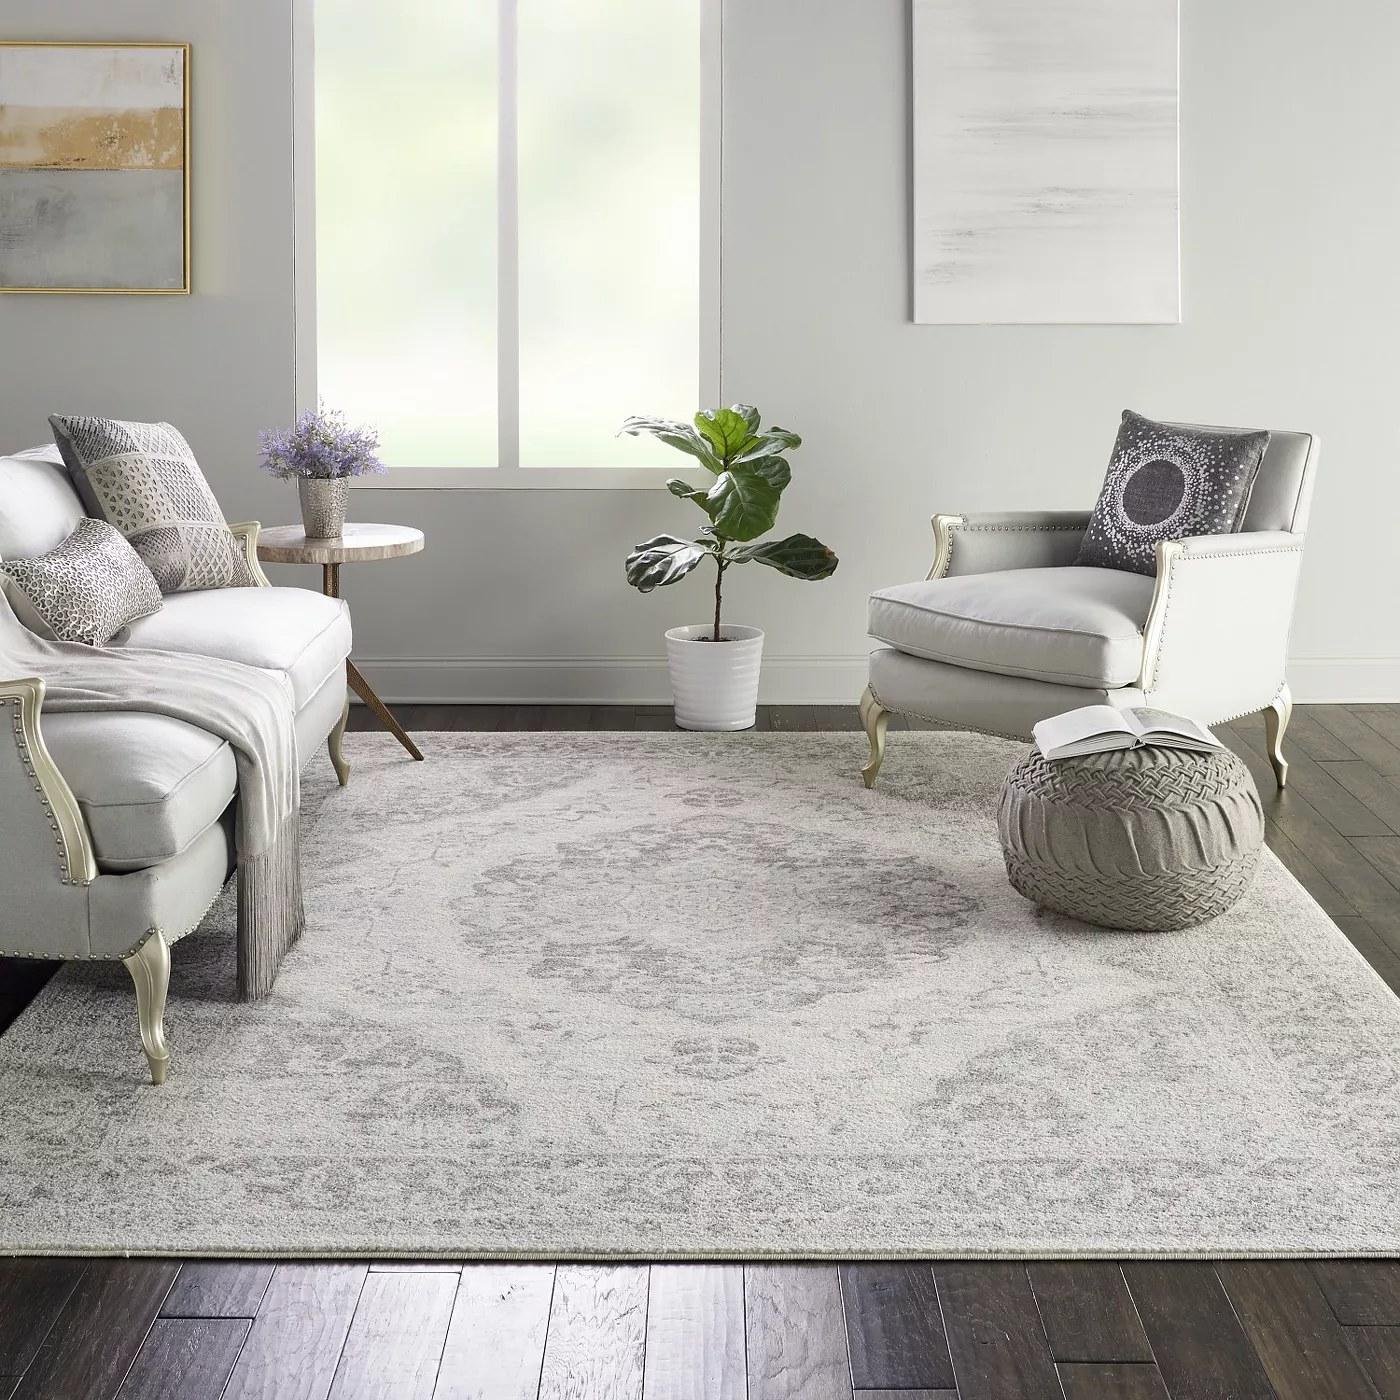 The light gray, medallion rug